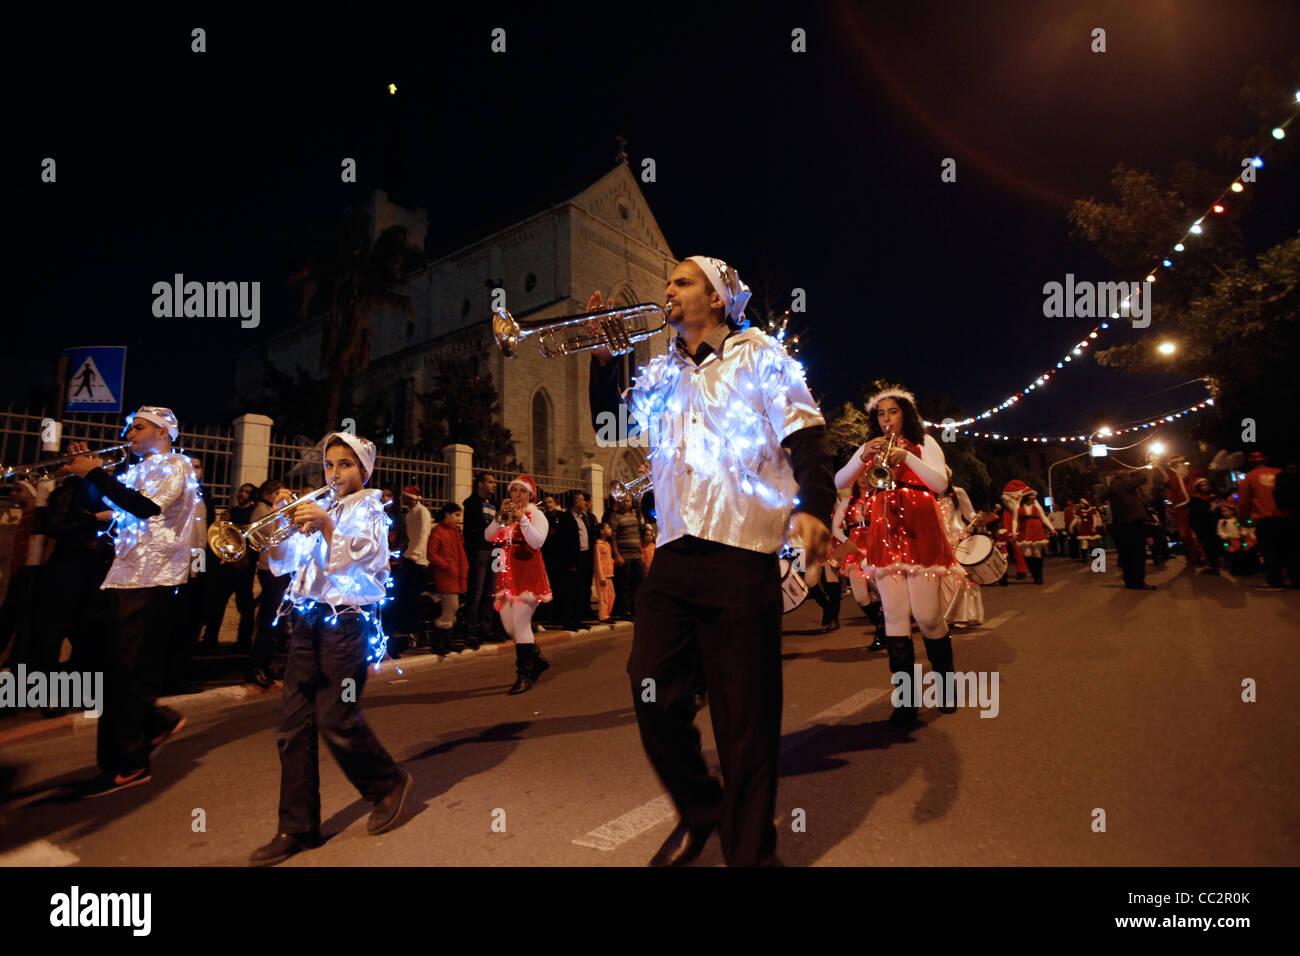 Traditional Christmas Music.Young Israeli Arab Christians Playing Traditional Christmas